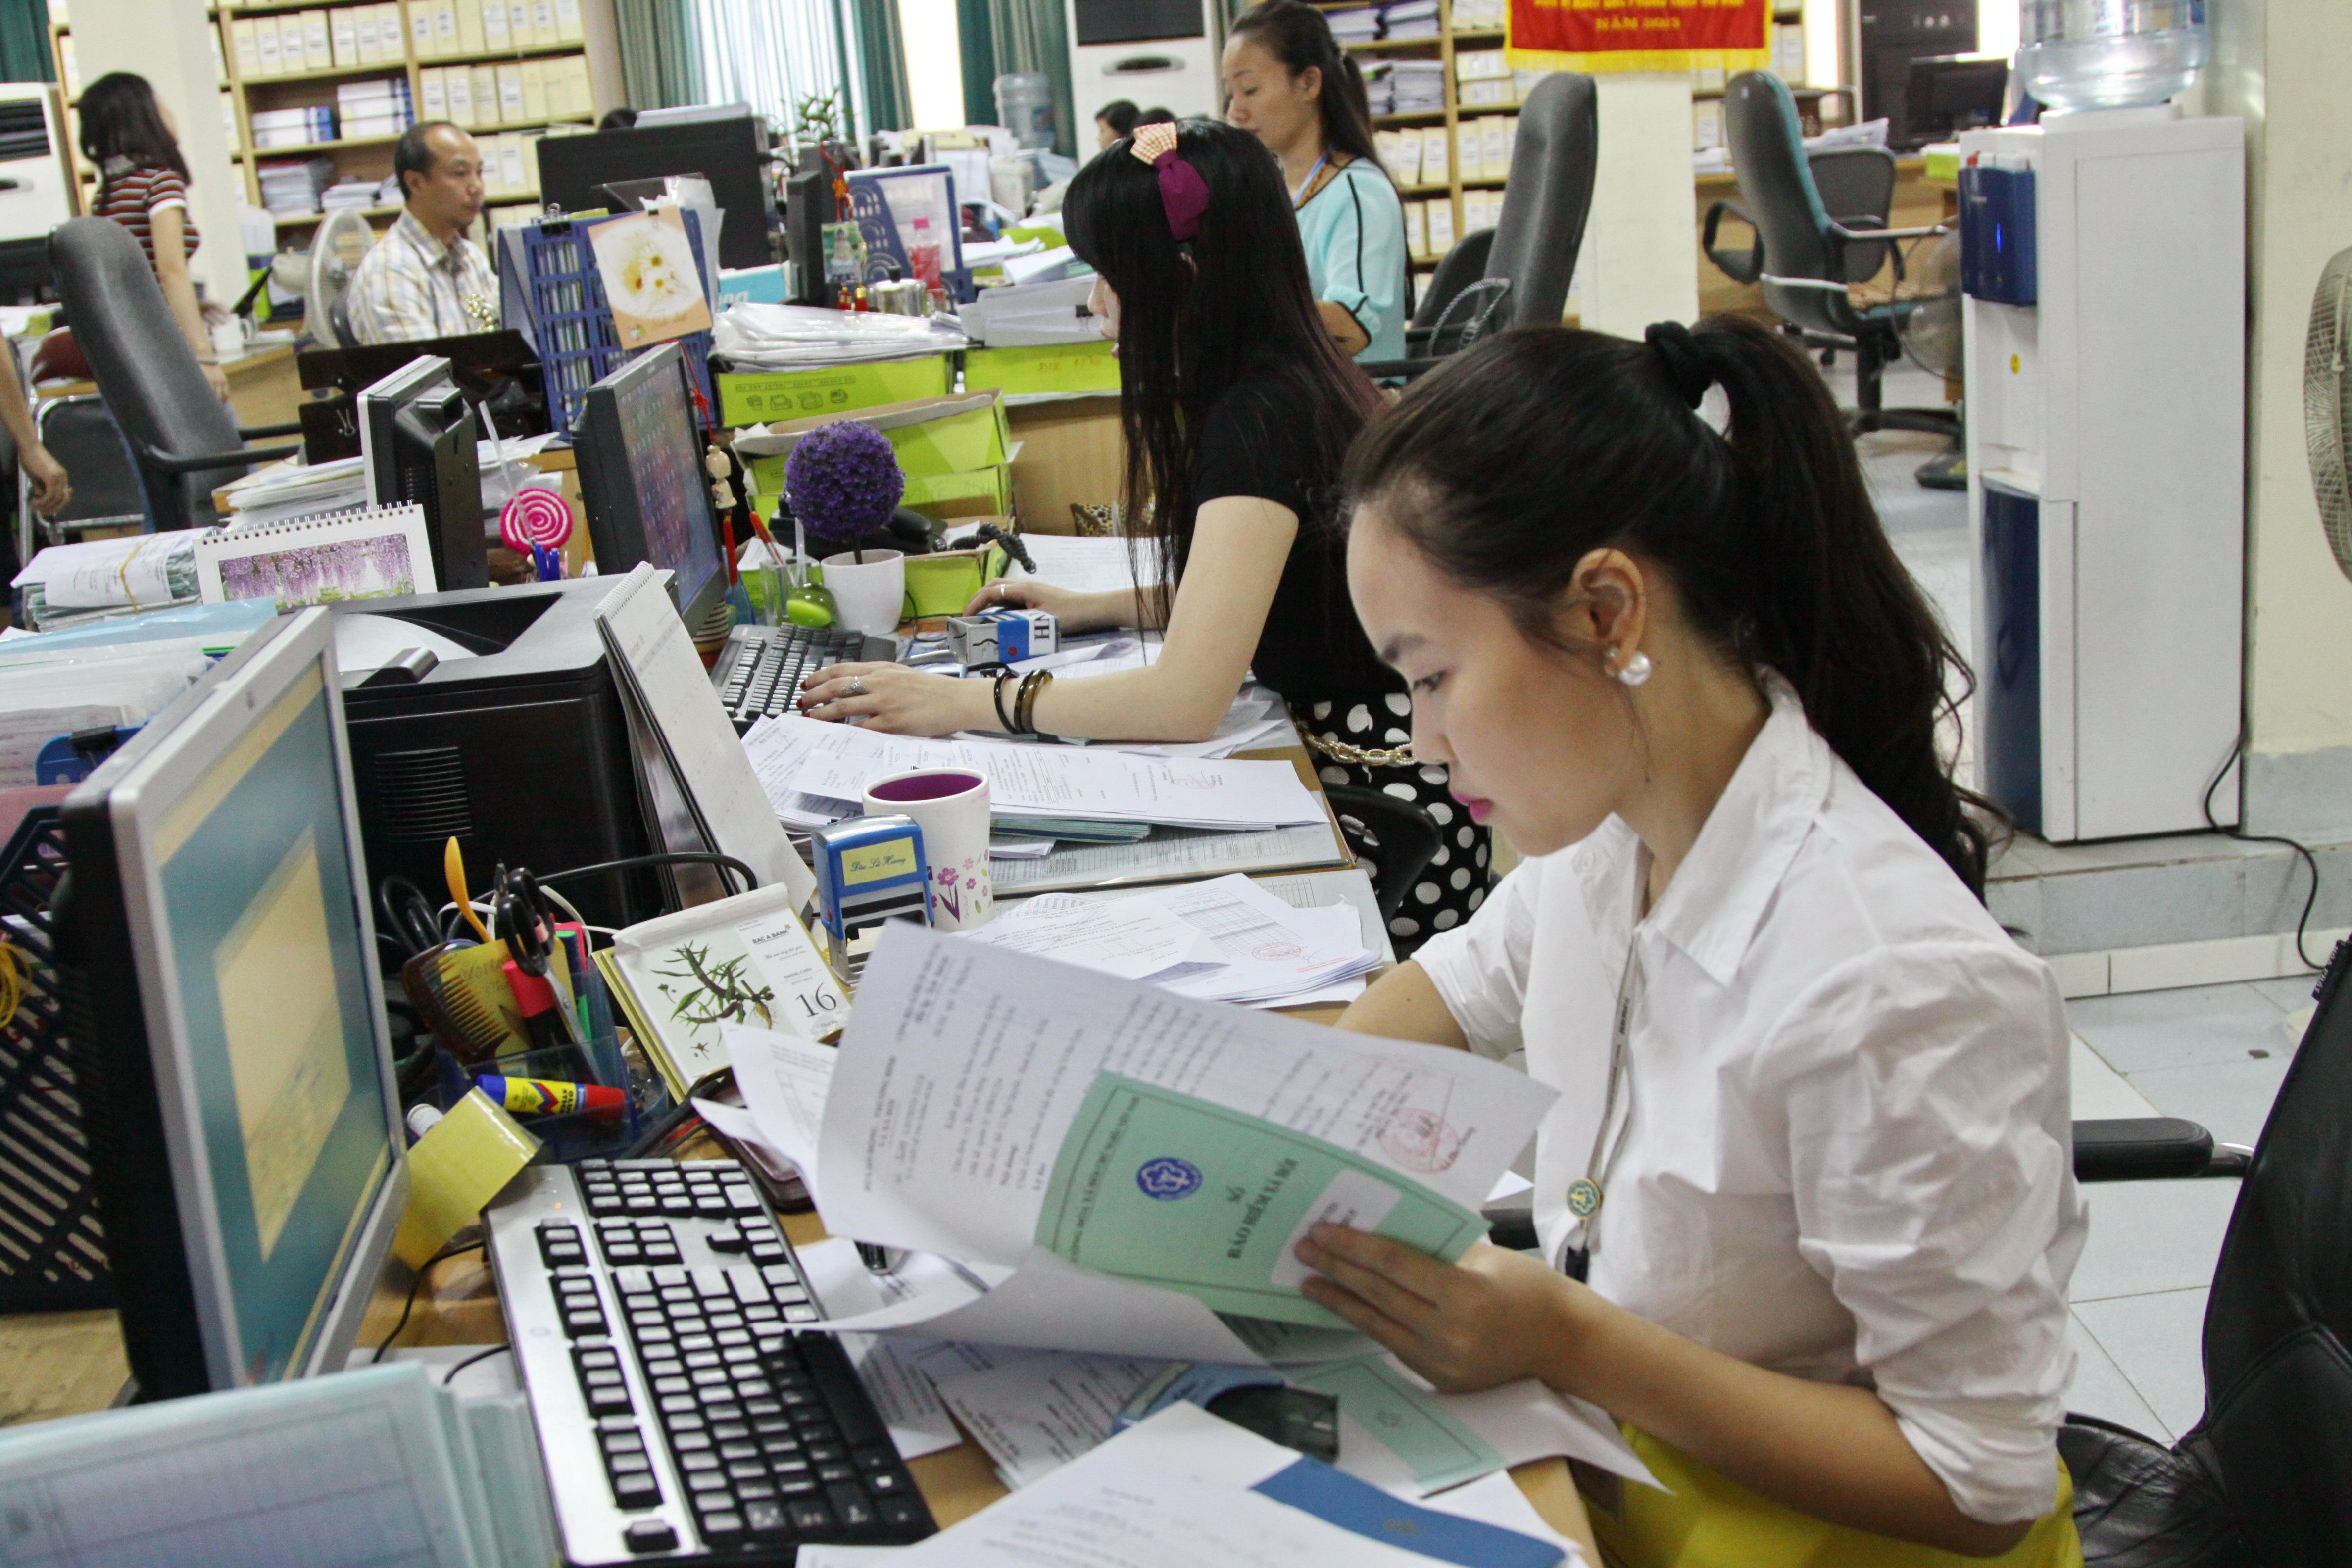 Quyết liệt thực hiện các giải pháp thu hồi nợ bảo hiểm xã hội, bảo hiểm y tế